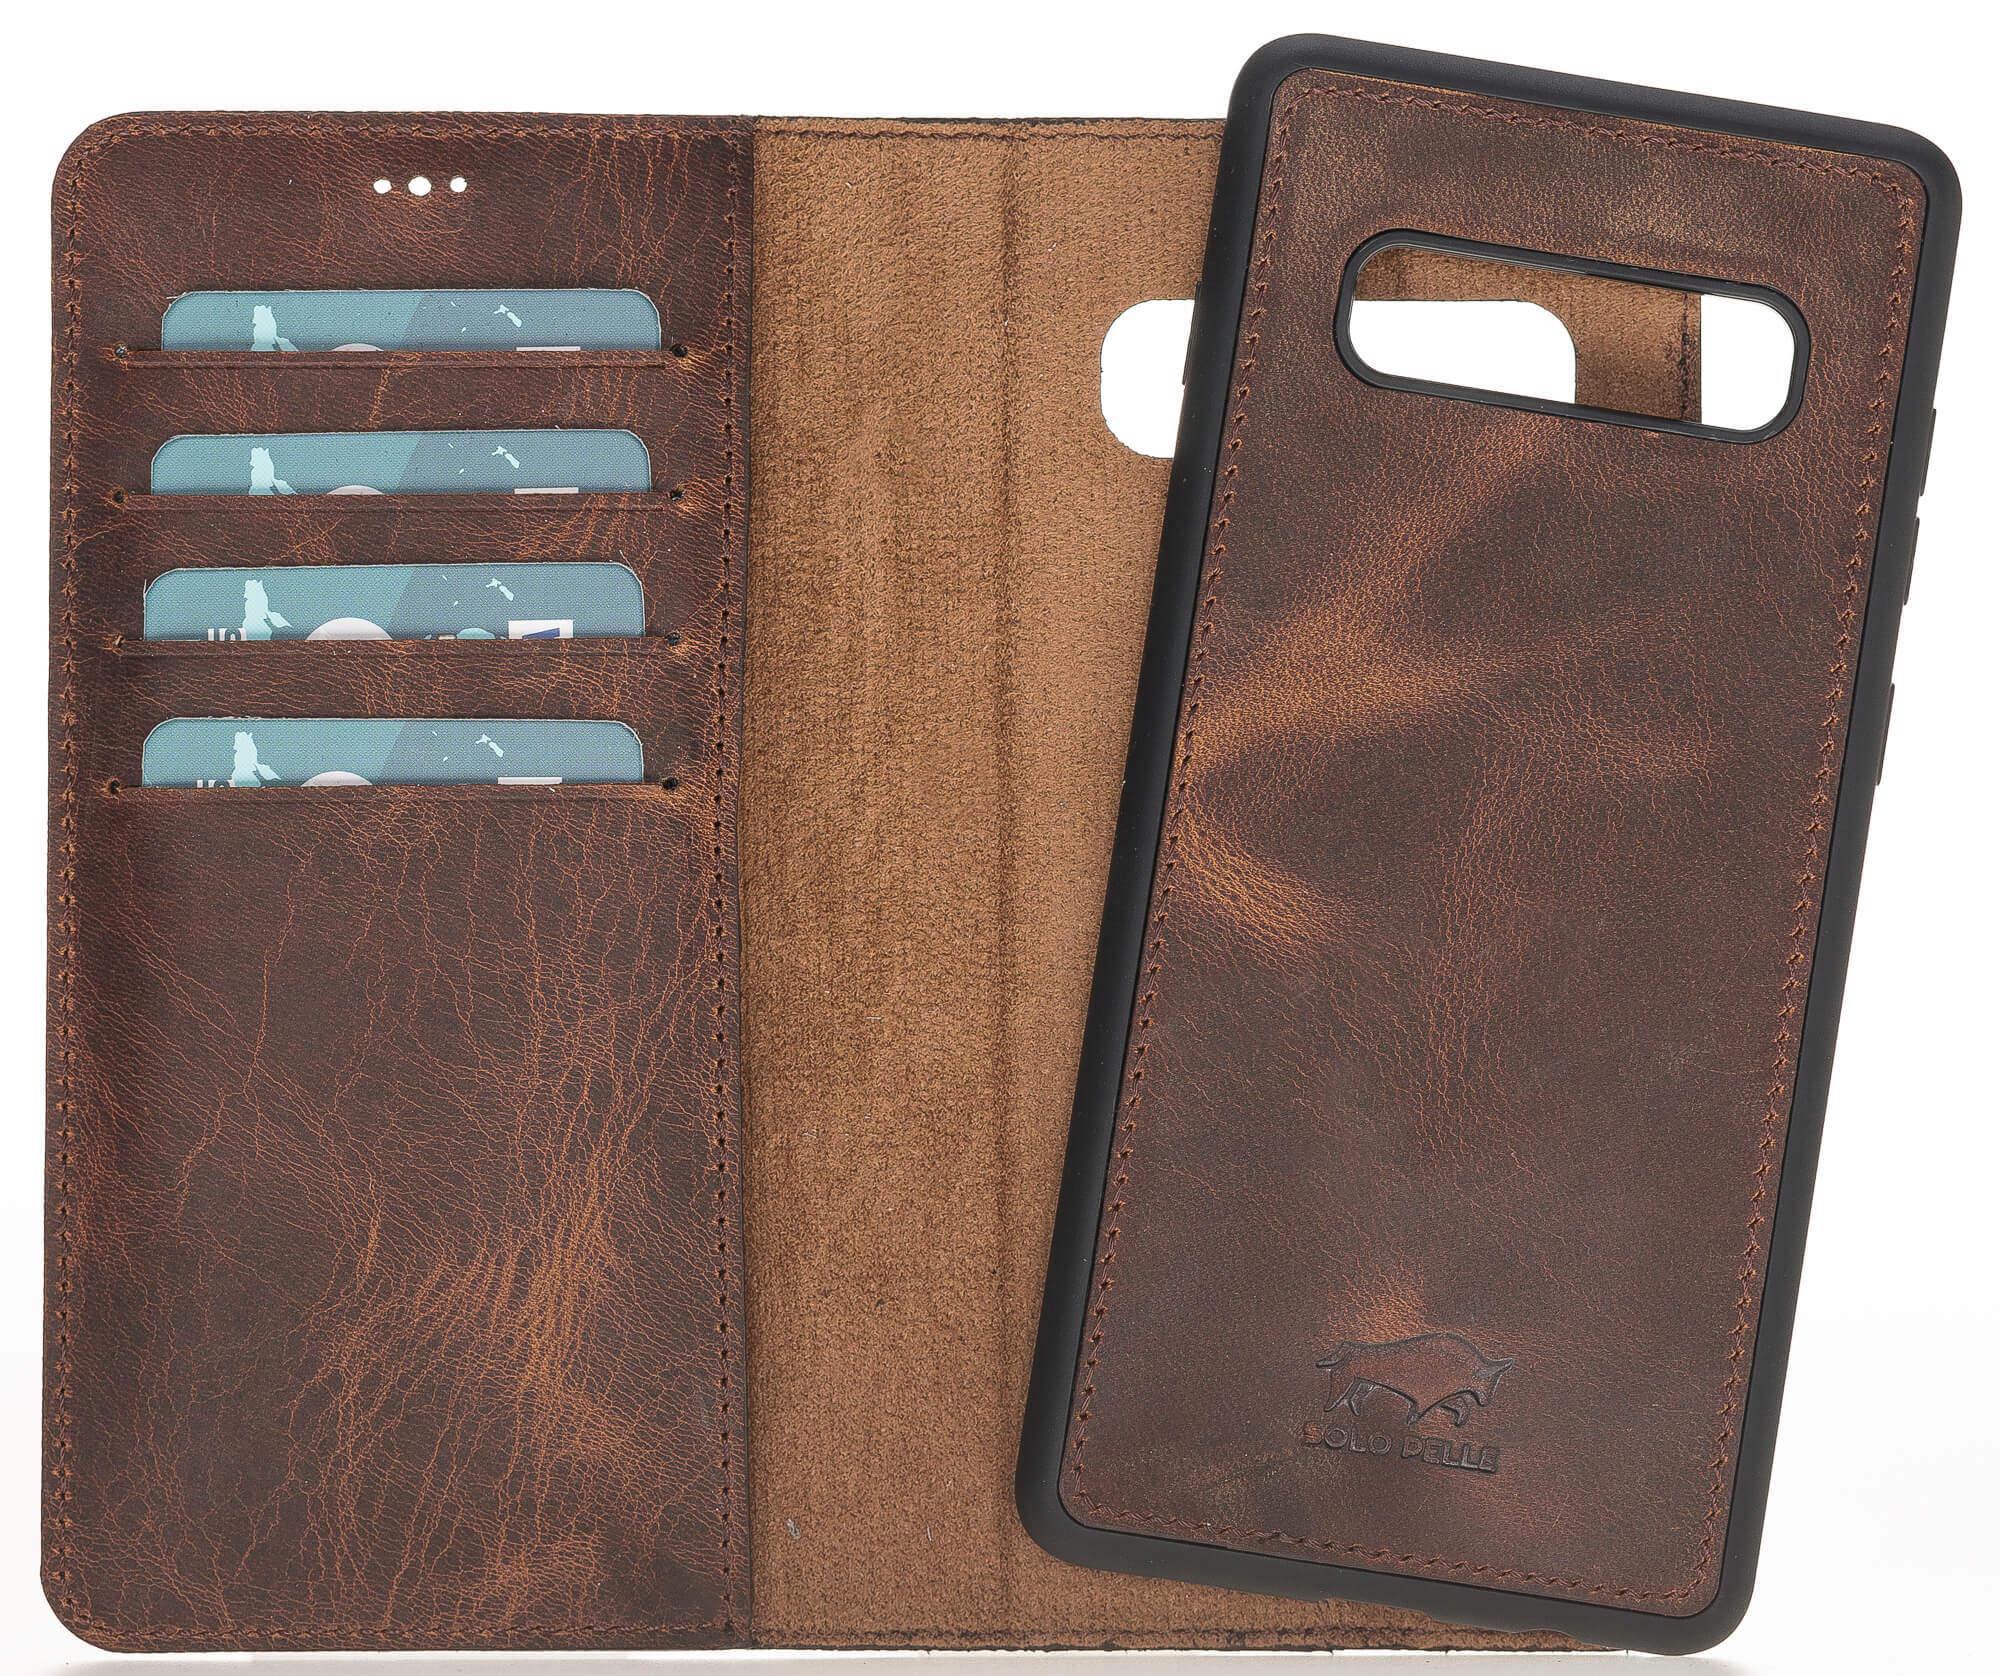 Samsung S10+ abnehmbare Lederhülle (2in1) Leder Hülle Tasche Lederhülle Ledertasche in Vintage Braun